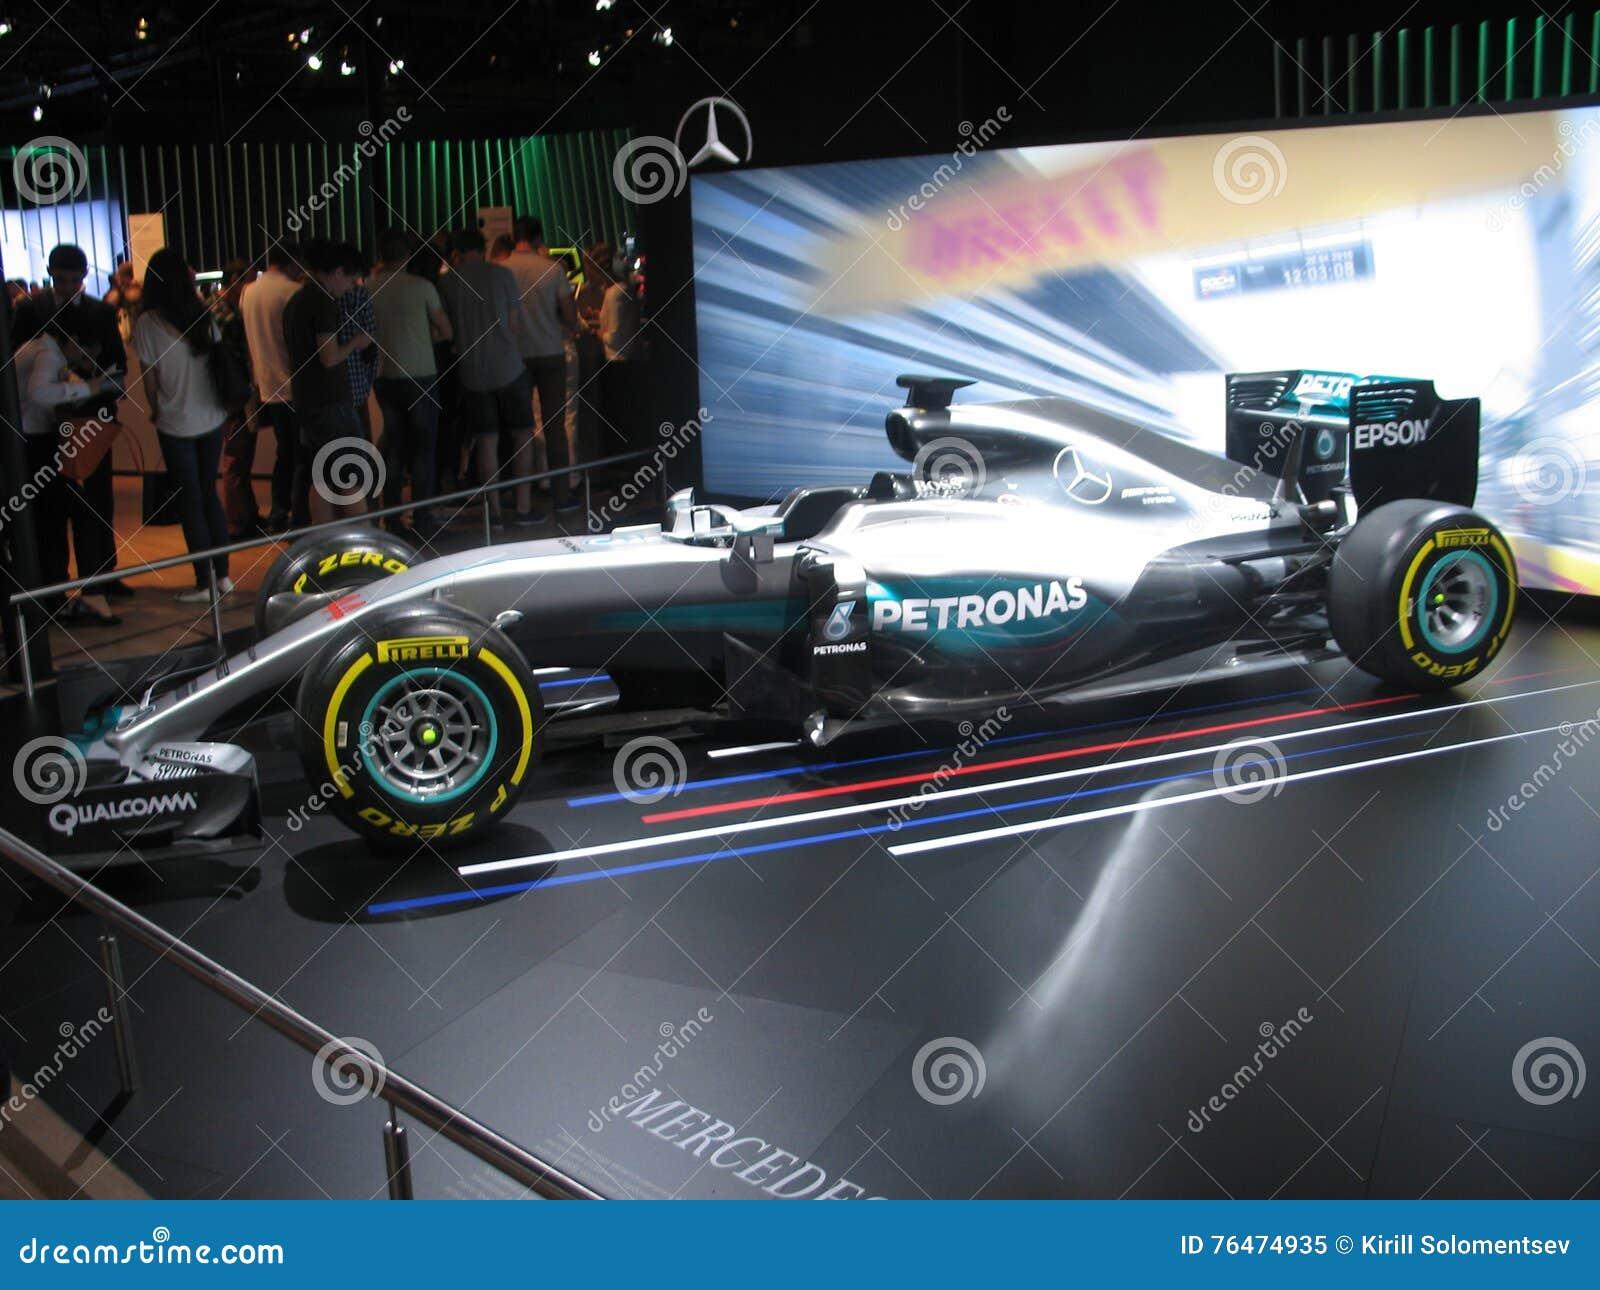 Формула 1 автосалон москва если я купил машину а она в залоге у банка